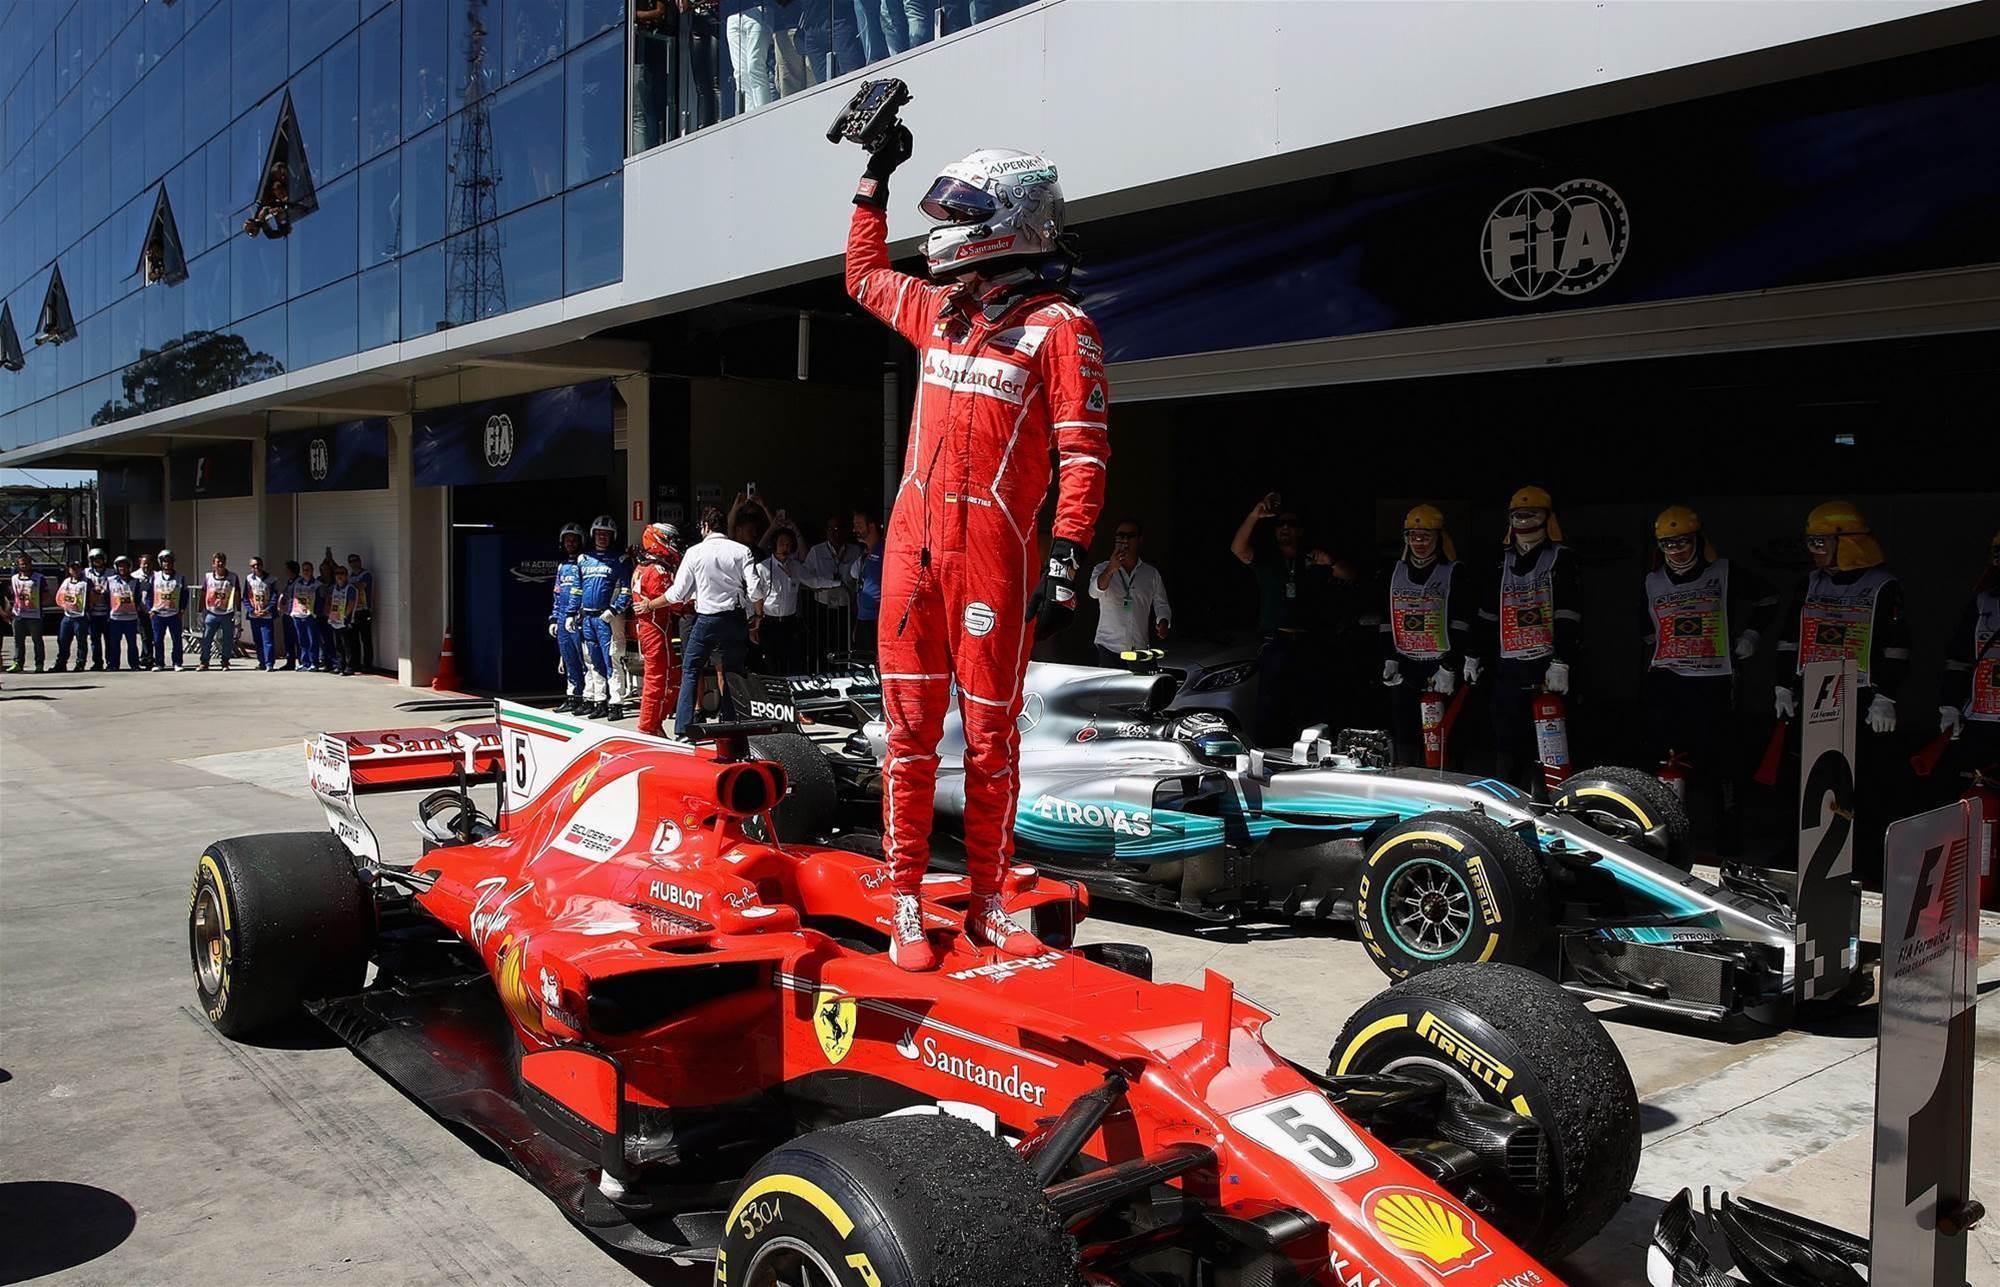 Pic gallery: Brazilian Grand Prix